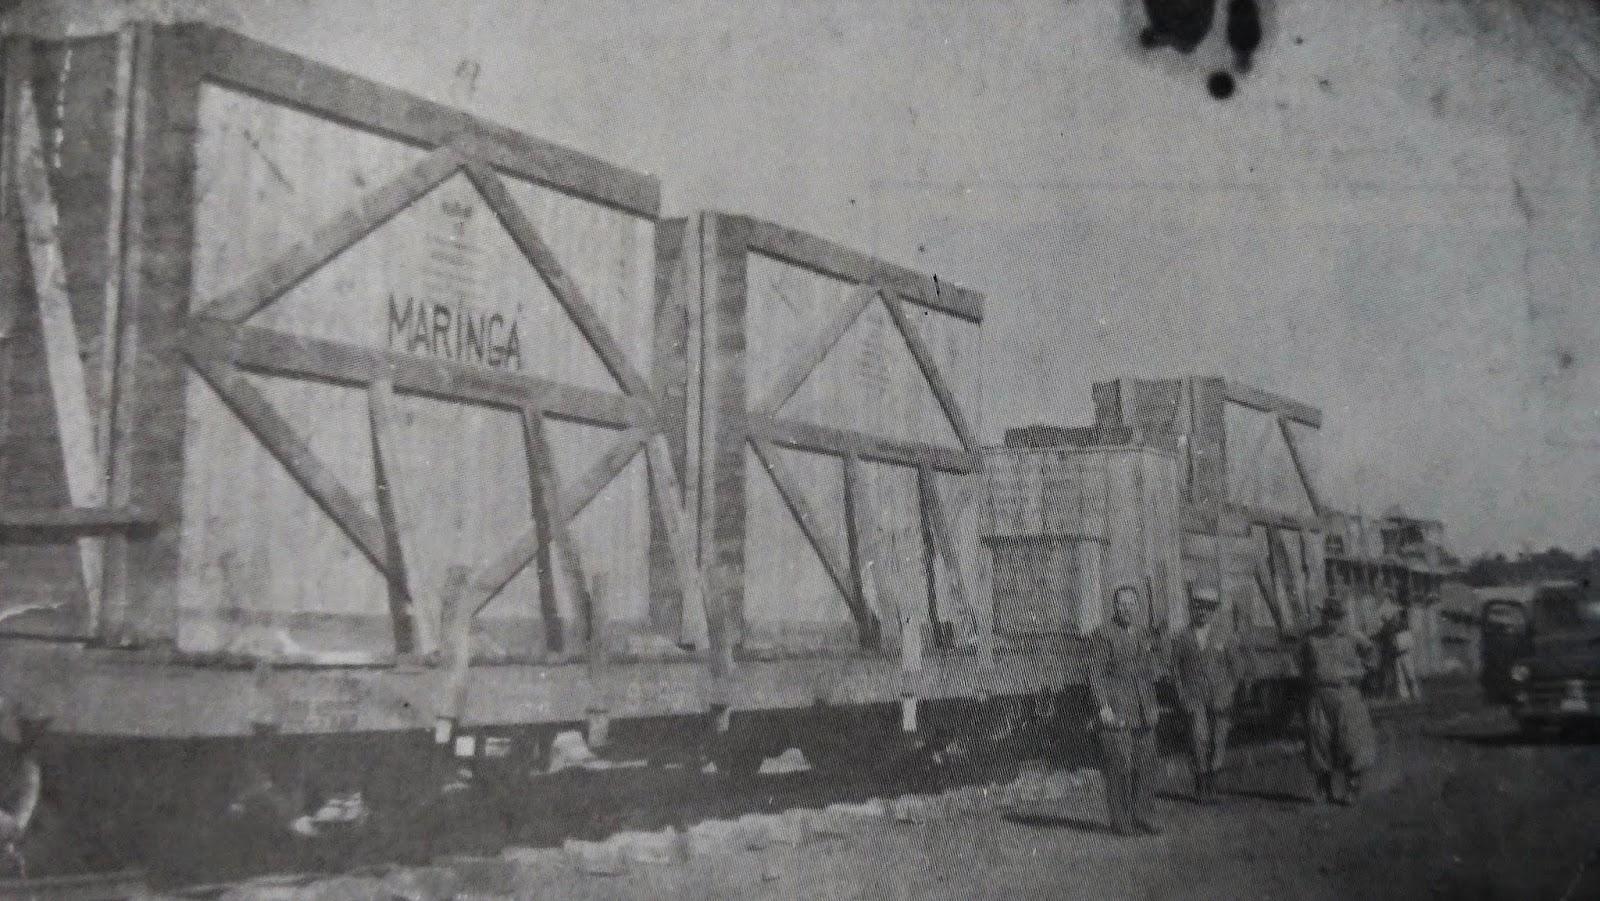 Geradores da Usina Diesel Elétrica - 1953 (outro ângulo)